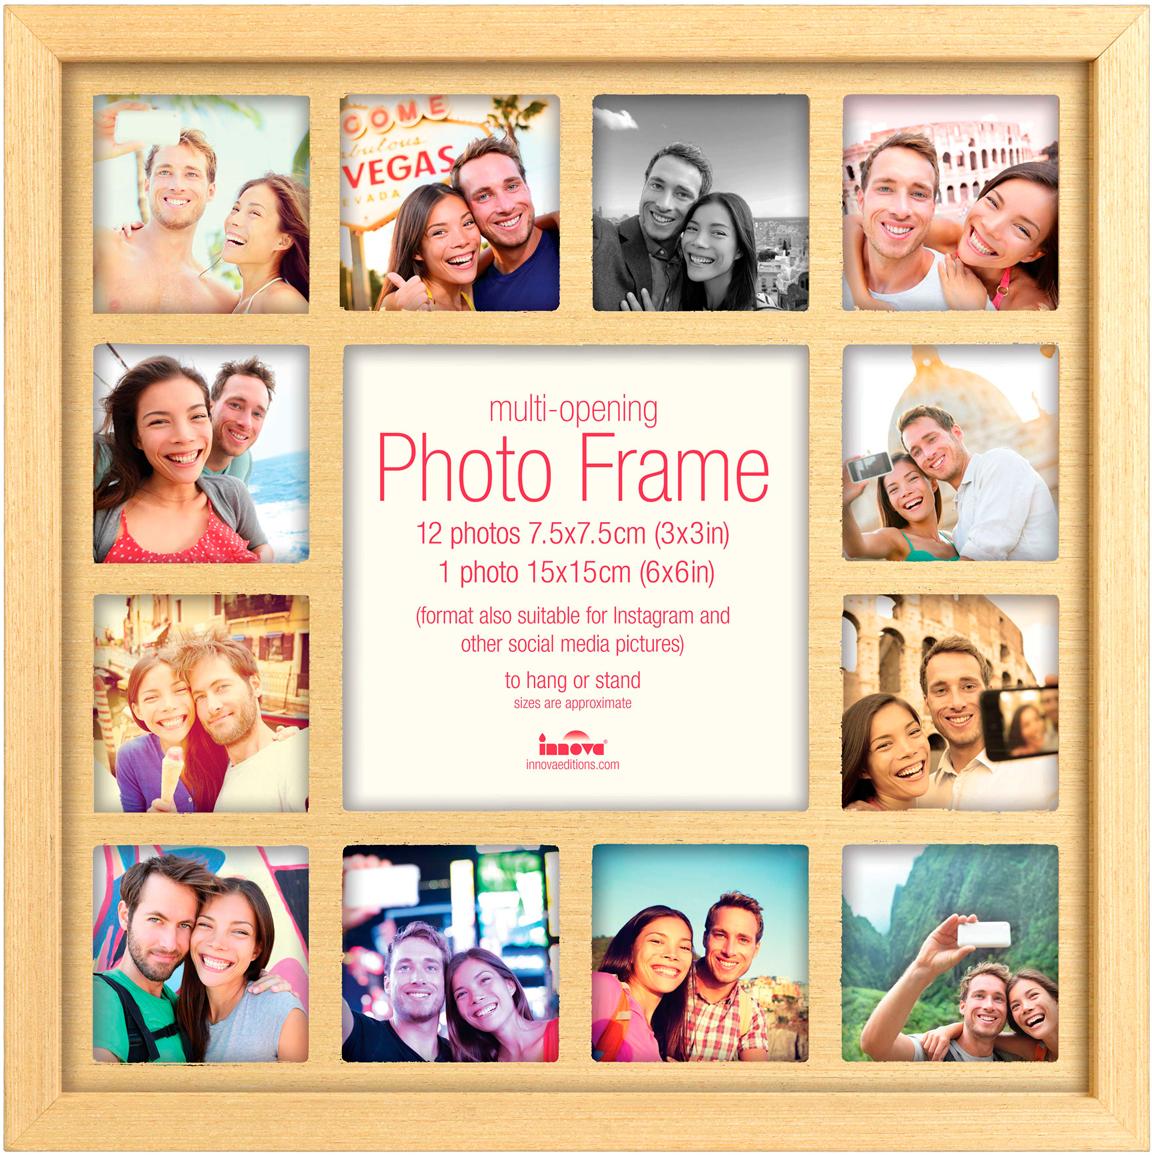 Фоторамка для фото из Инстаграм Innova, на 13 фото. PI05365PI05365Фоторамка для фото из Инстаграм Innova - прекрасный способ красиво оформить вашифотографии. Изделие рассчитано на 13 фотографий. Фоторамка выполнена из дерева. Такая фоторамка поможет сохранить на память самые яркие моменты вашей жизни, а стильныйдизайн сделает ее прекрасным дополнением интерьера.